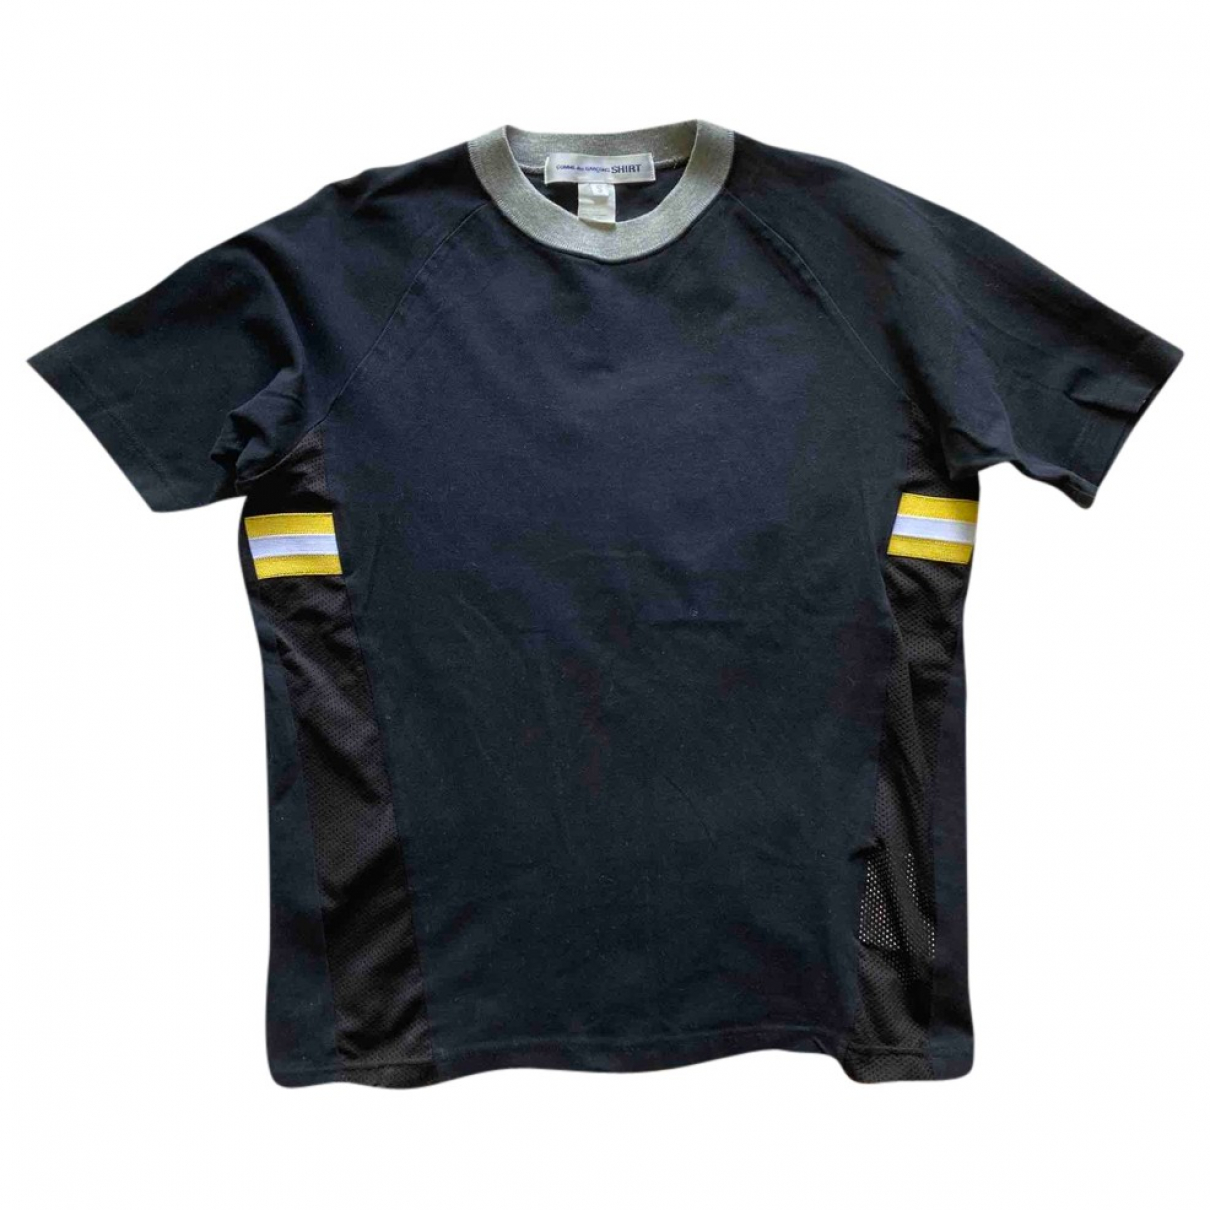 Comme Des Garcons - Tee shirts   pour homme en coton - noir